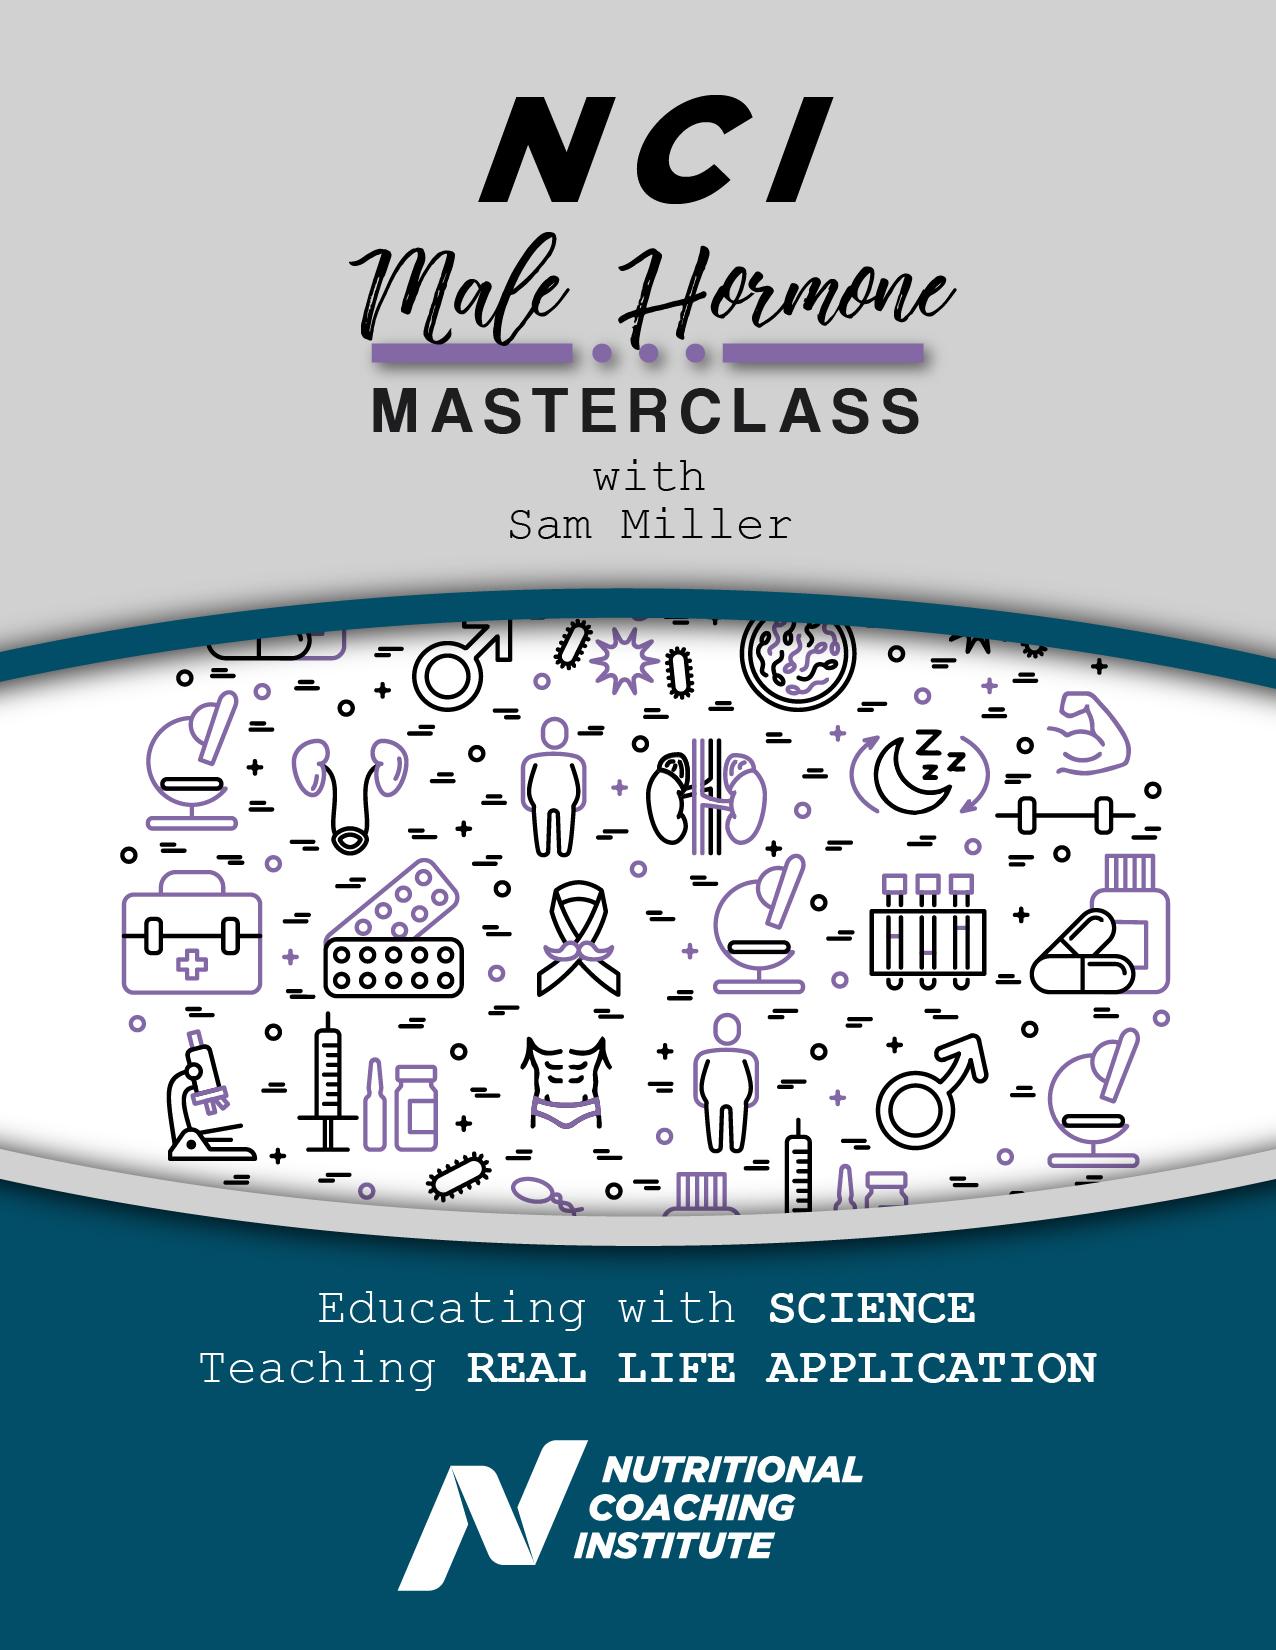 NCI Master Class Mens Hormones - Cover